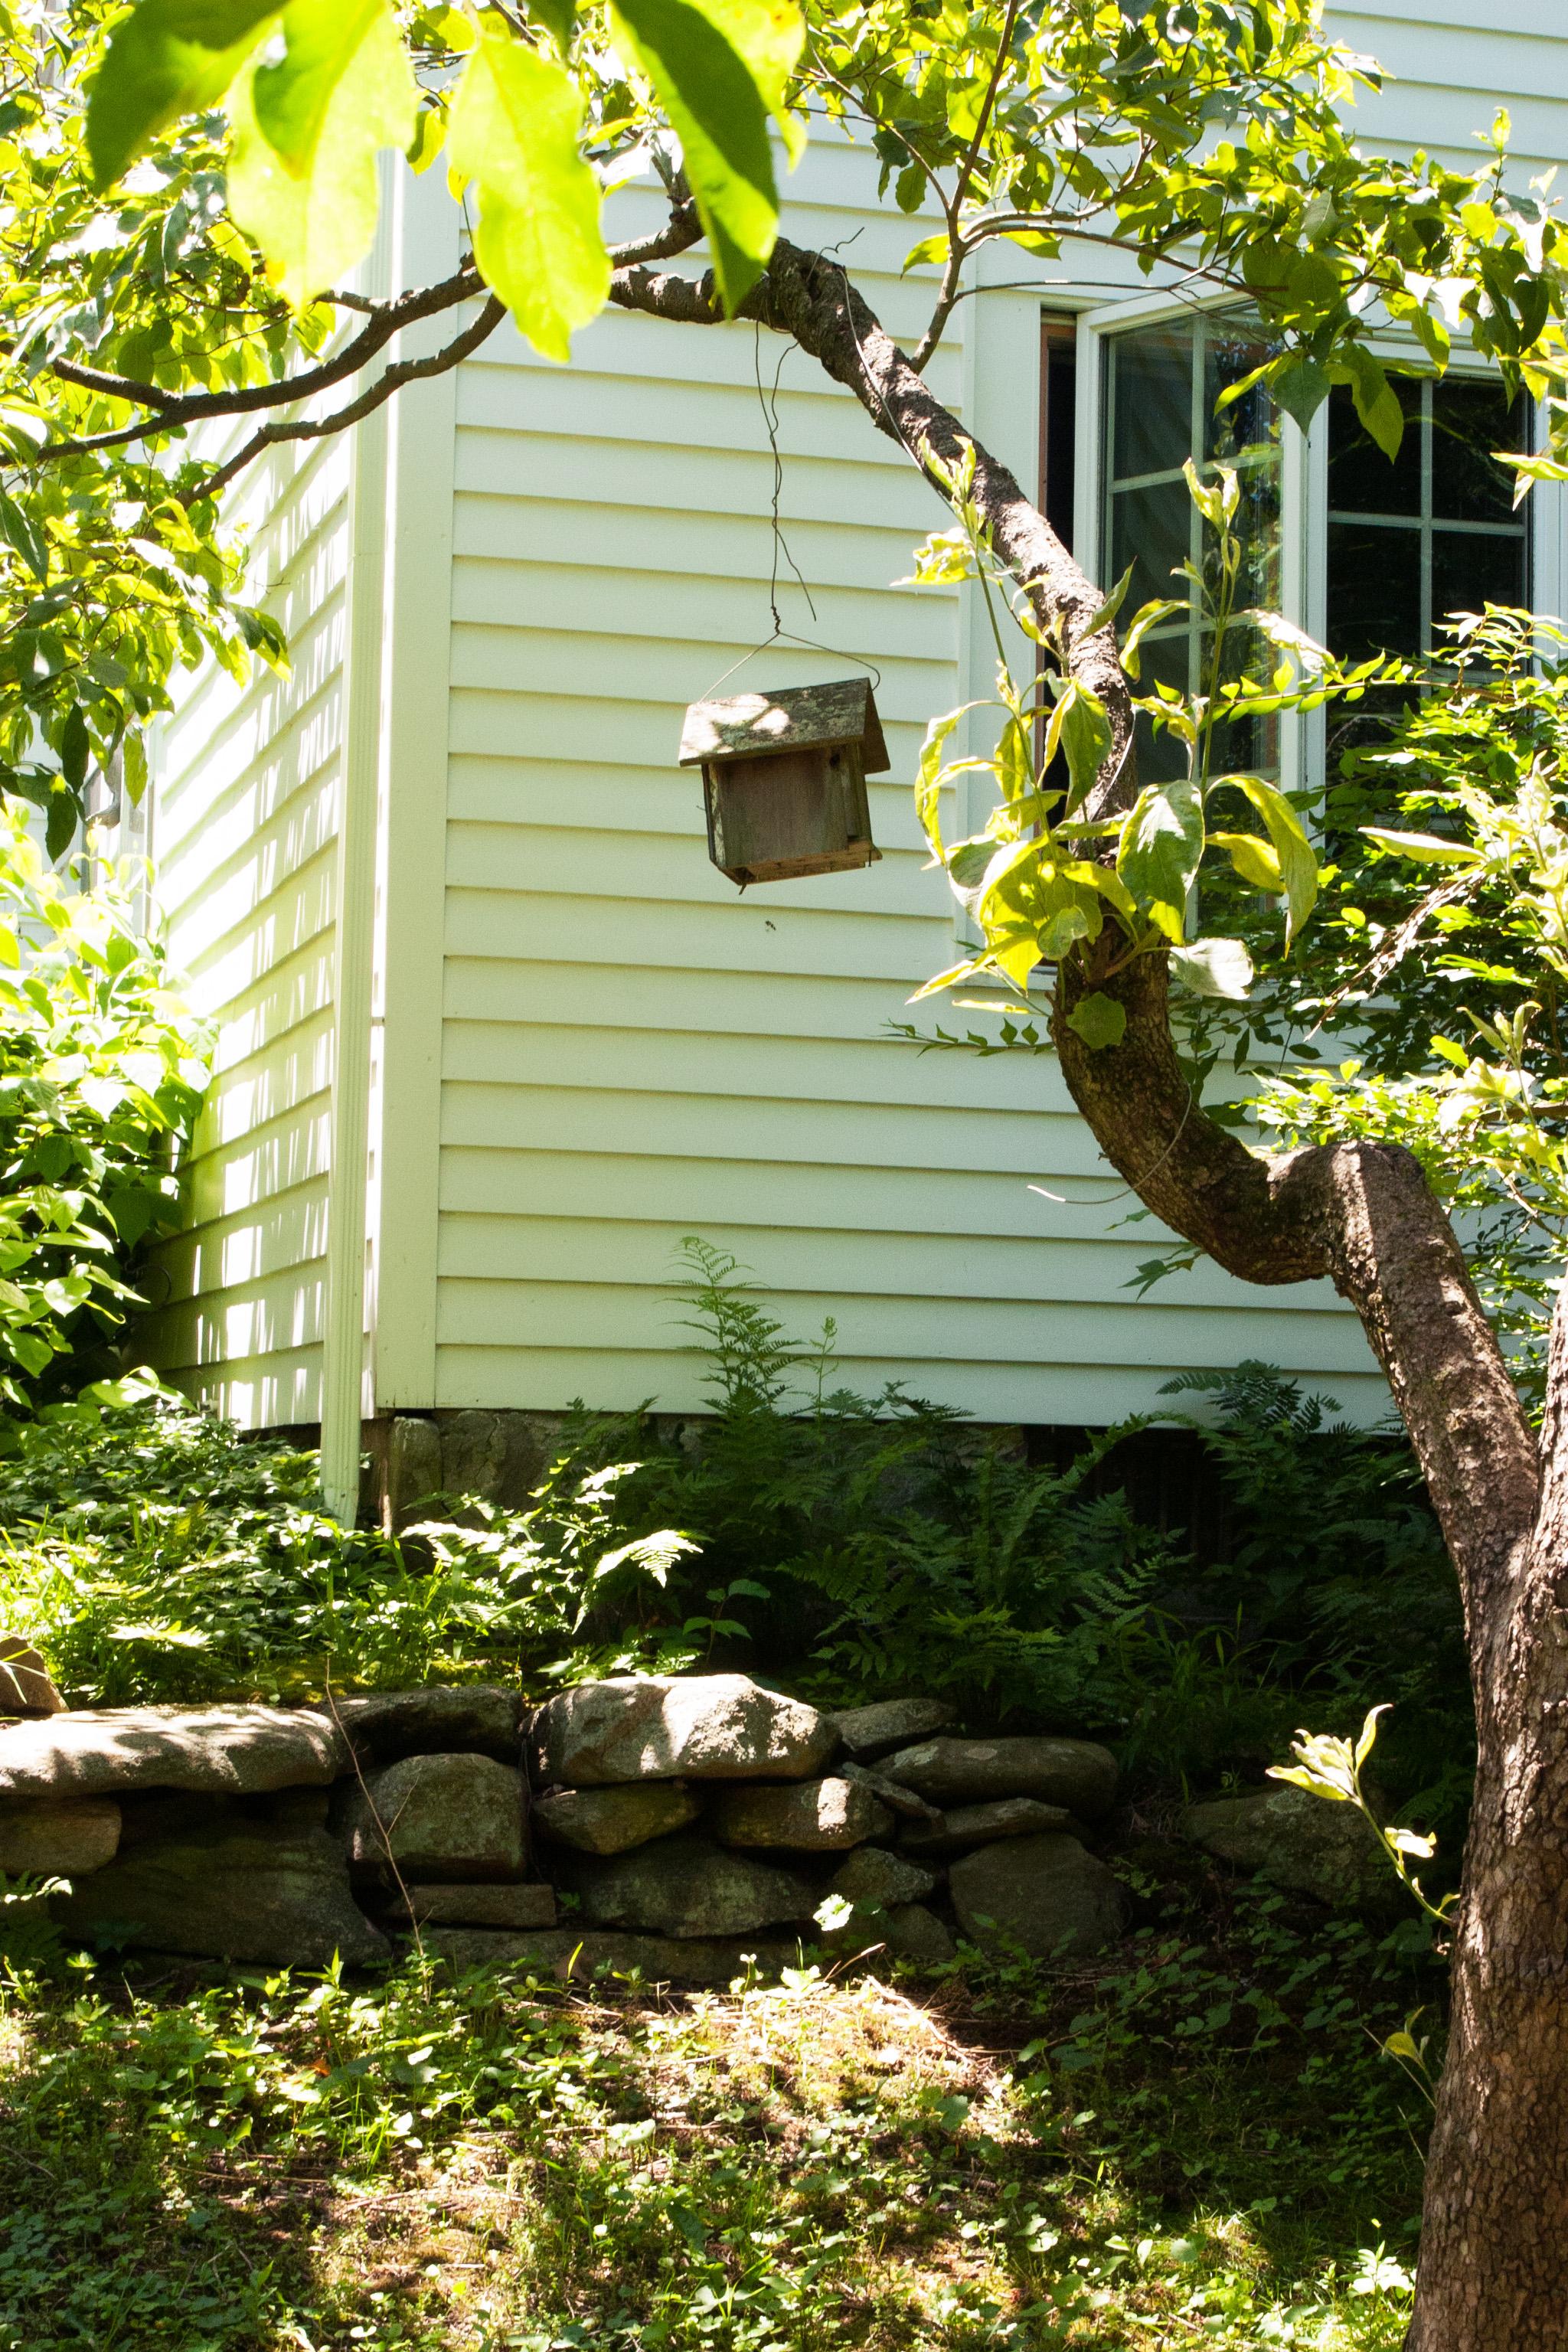 birdhouse_1.jpg